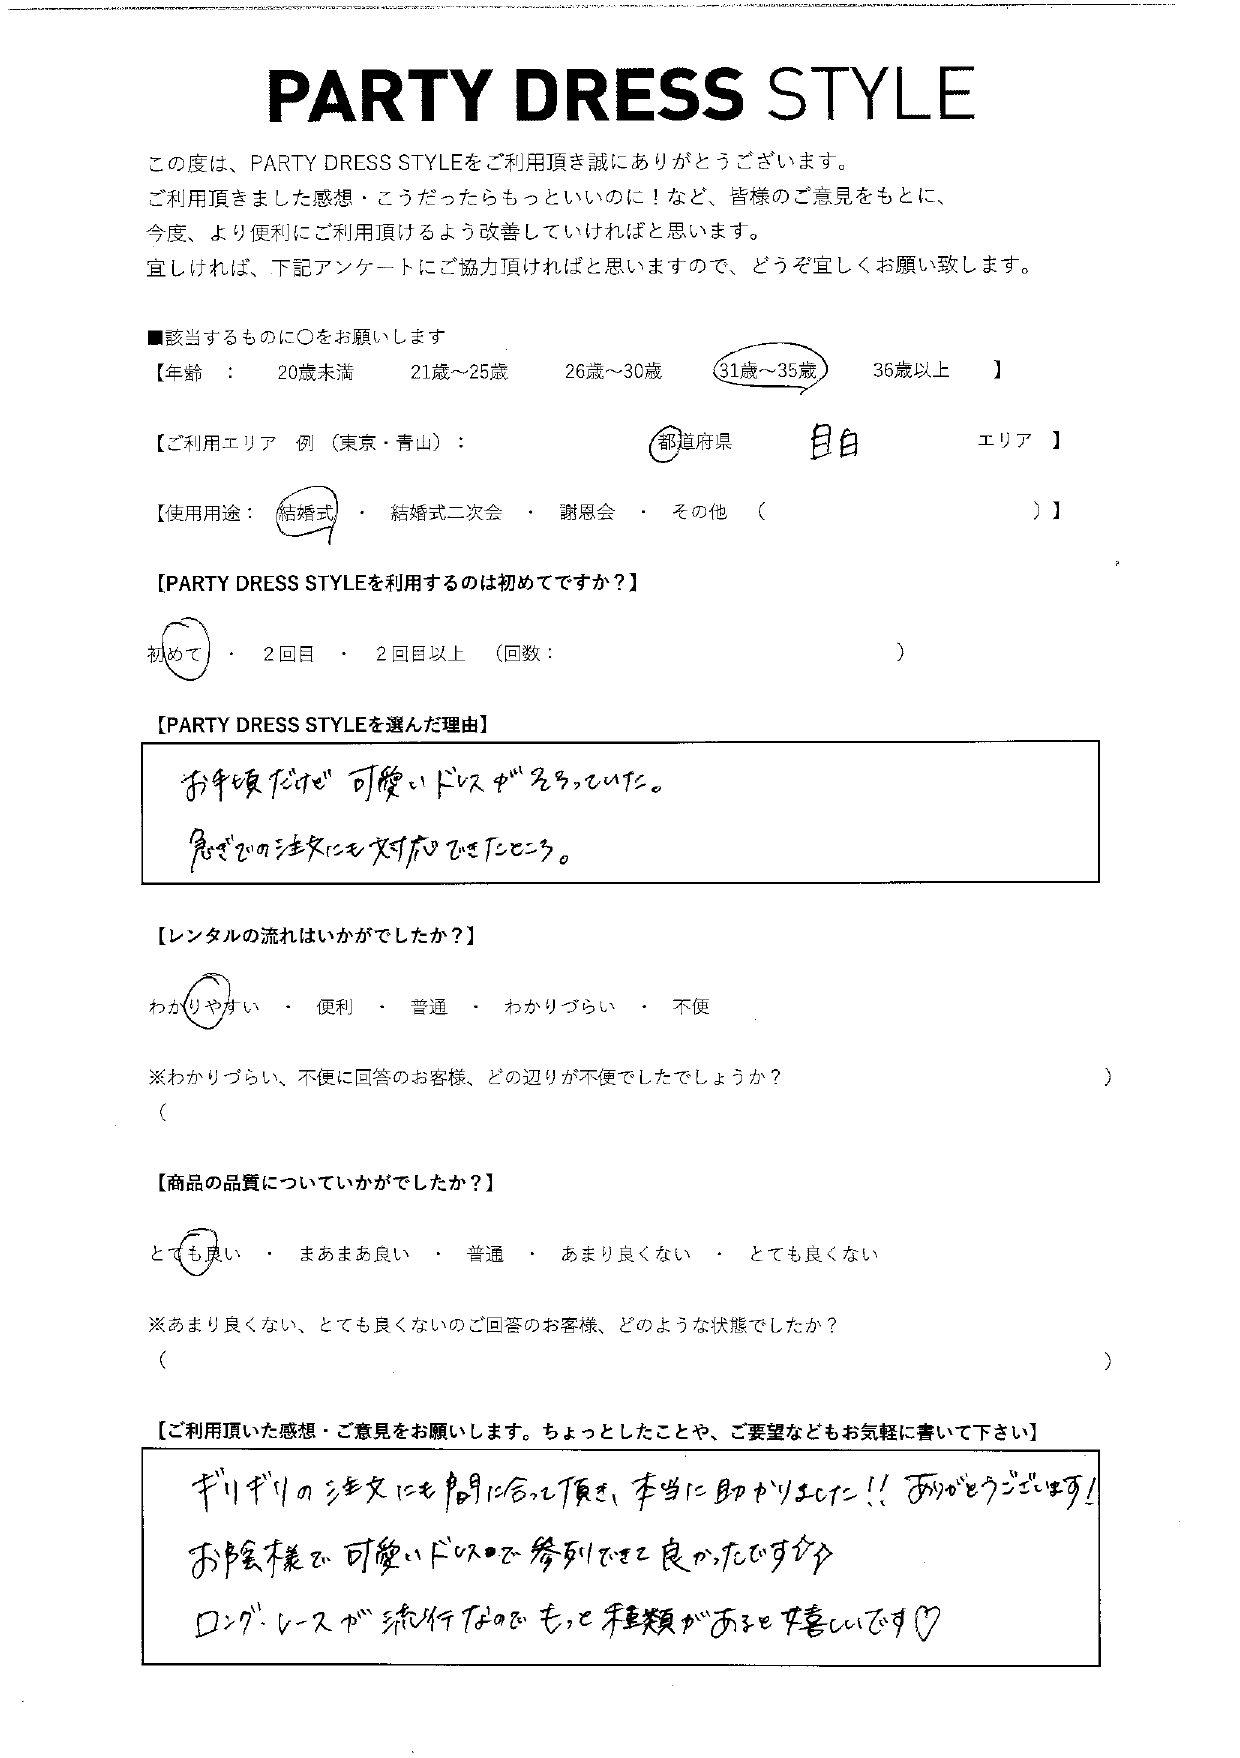 6/5結婚式ご利用 東京・目白エリア